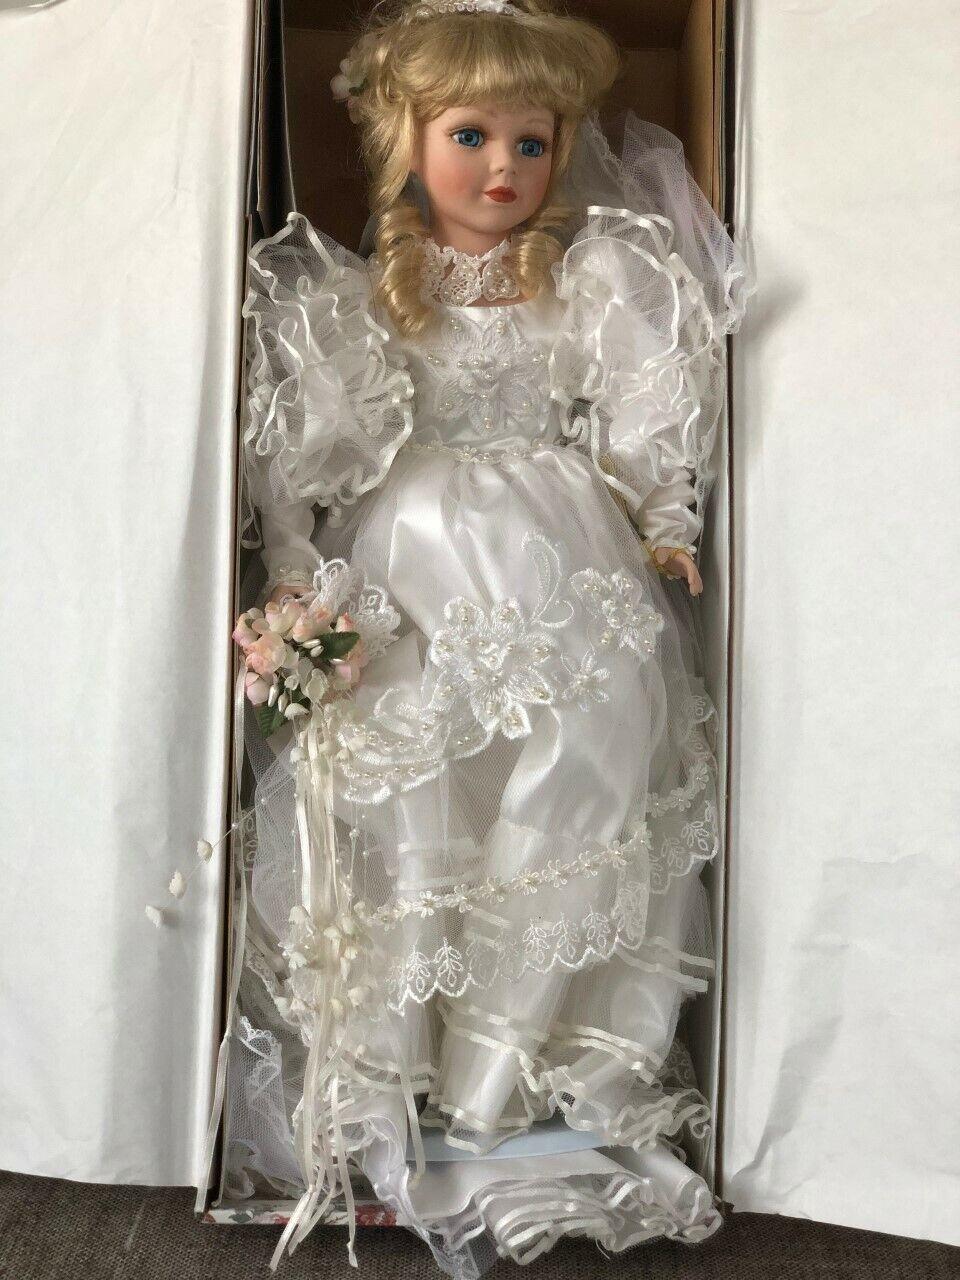 economico e di alta qualità NIB NIB NIB Gustave & Gretchen Wolff Porcelain Bride bambola Adriana COA e Ste  vieni a scegliere il tuo stile sportivo